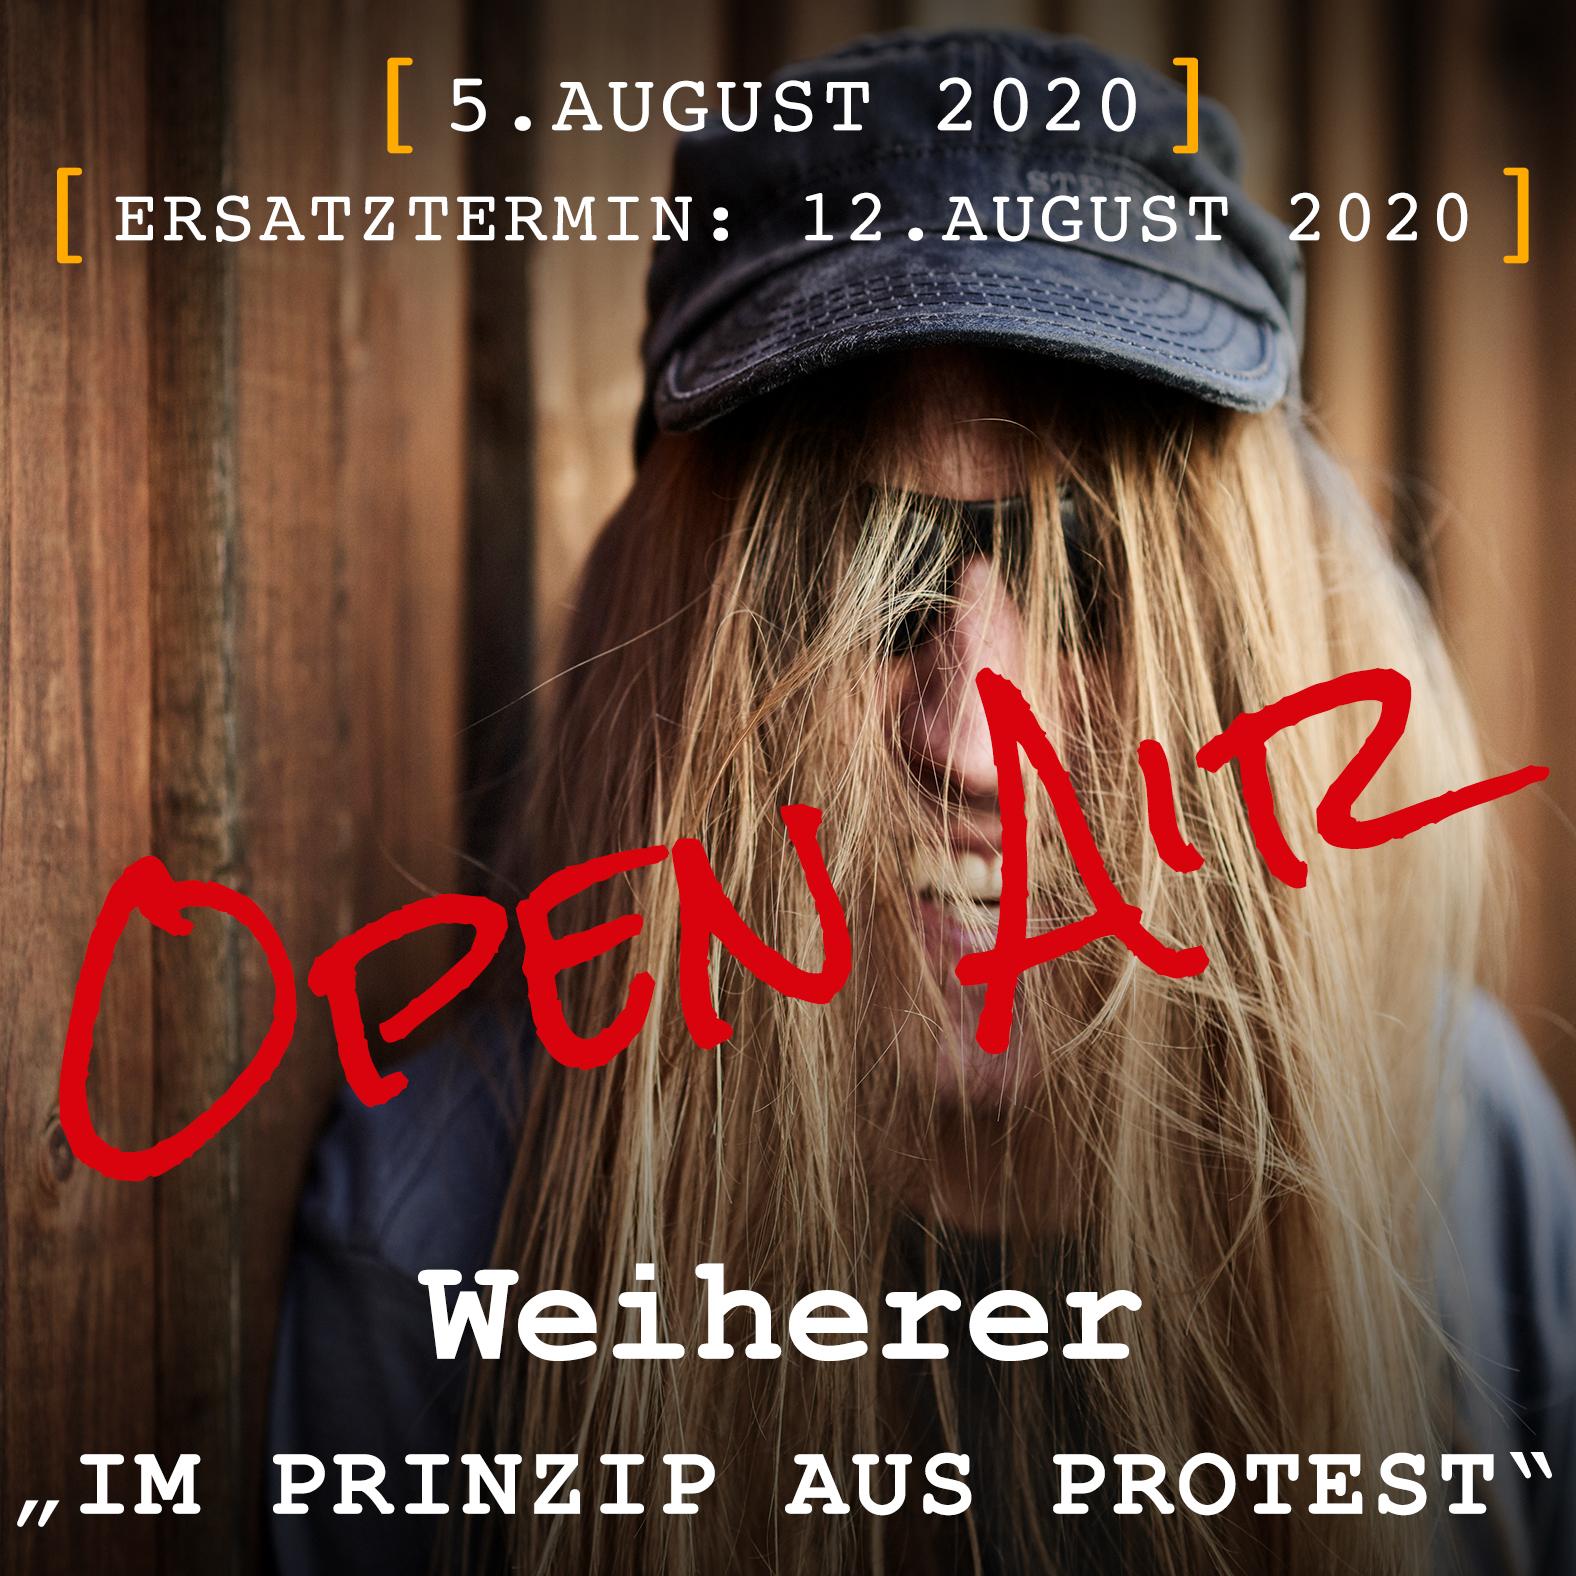 vorschau_weiherer_open air